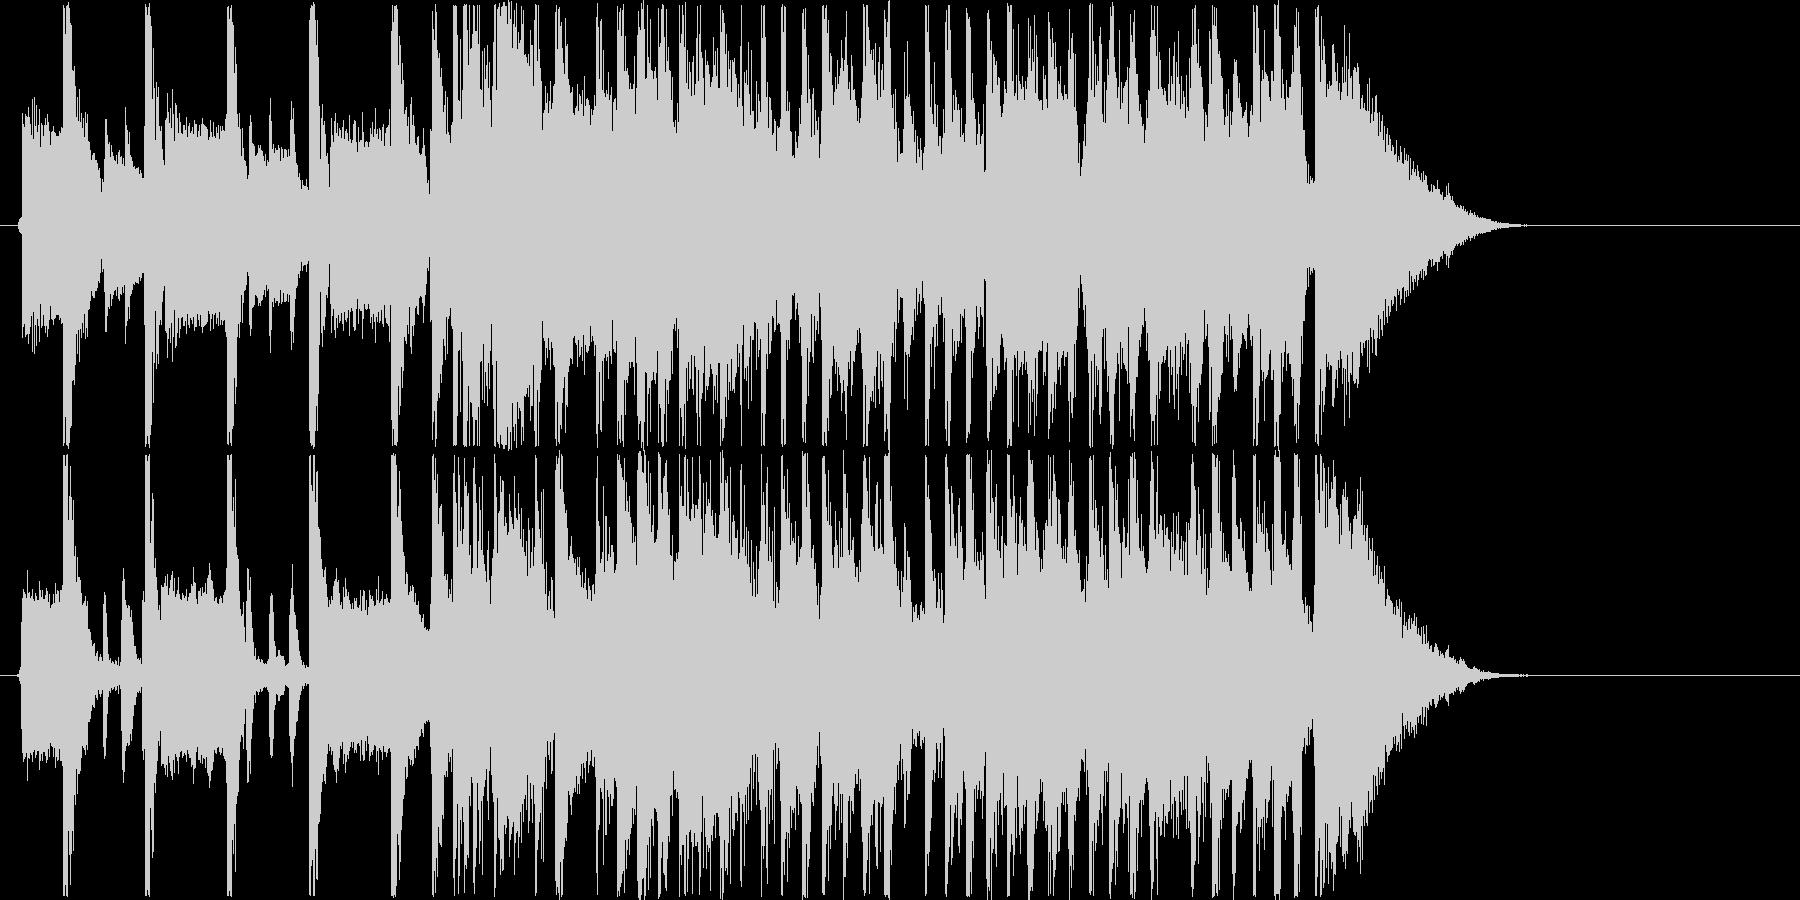 キャッチーでリズミカルなロックジングルの未再生の波形